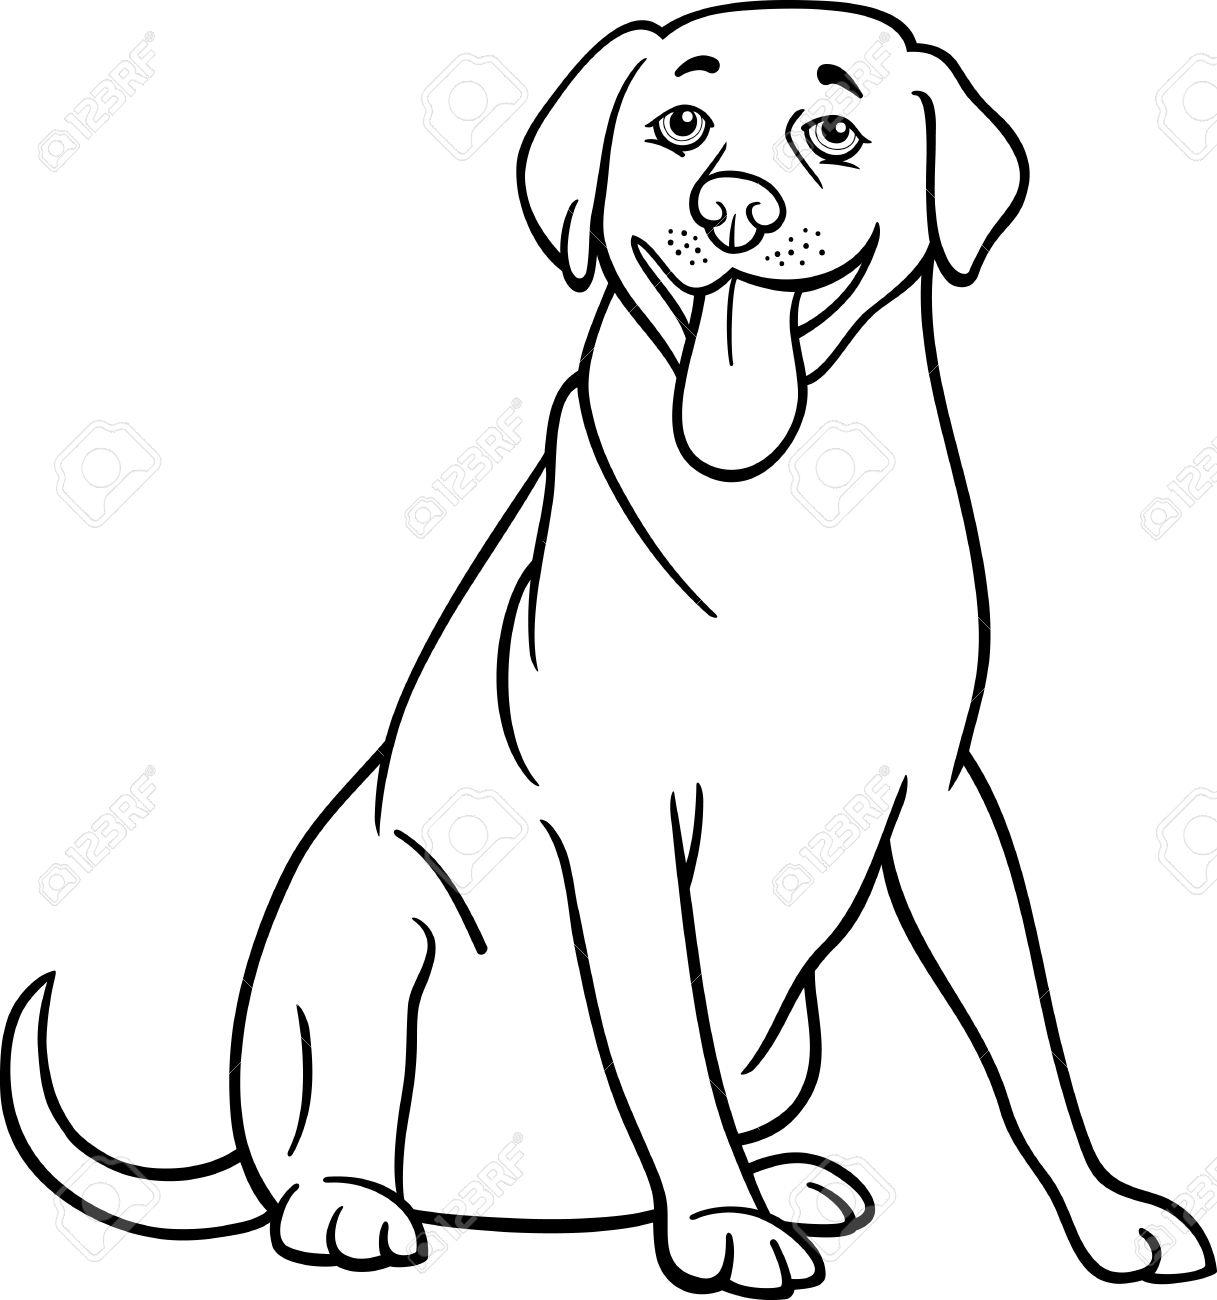 Labrador retriever clipart black white free svg black and white download Black And White Dog Drawing 5,026 Labrador Retriever ... svg black and white download